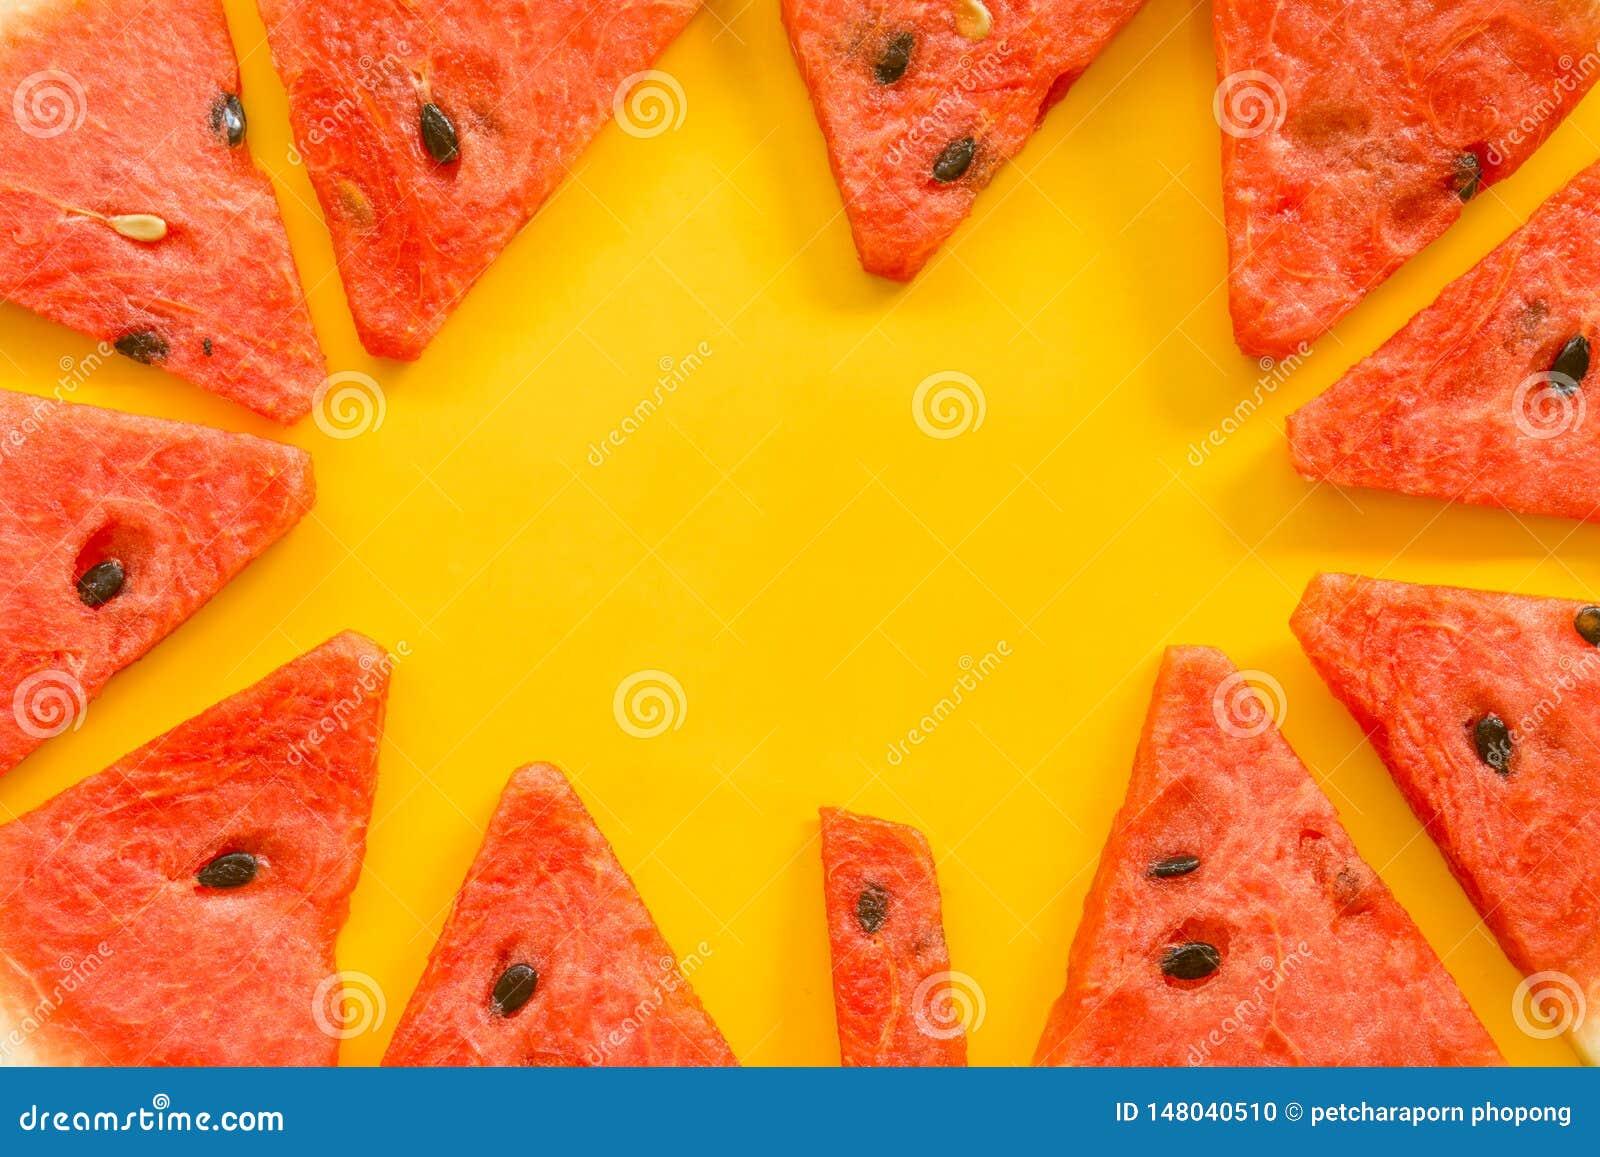 Θερινά φρούτα με το φρέσκο καρπούζι στο κίτρινο υπόβαθρο χρώματος